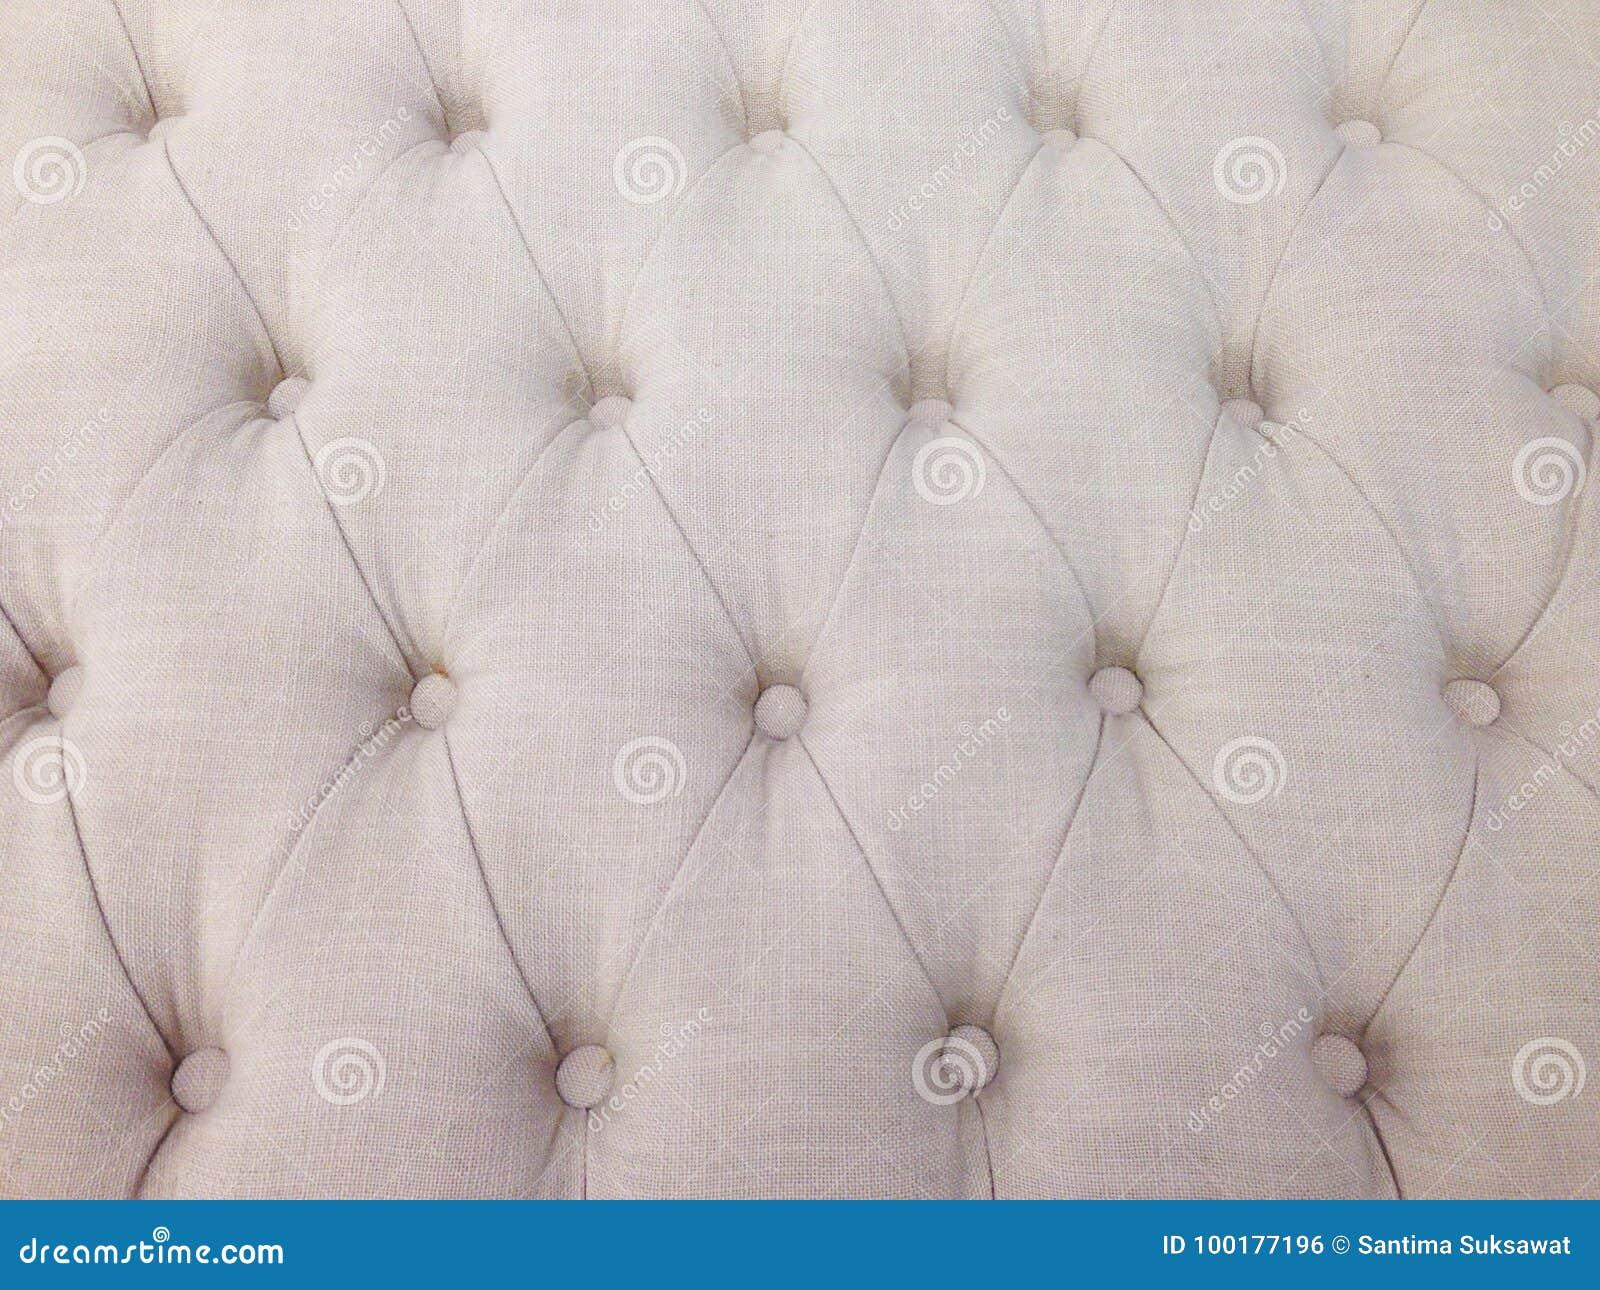 Close up mattress texture background